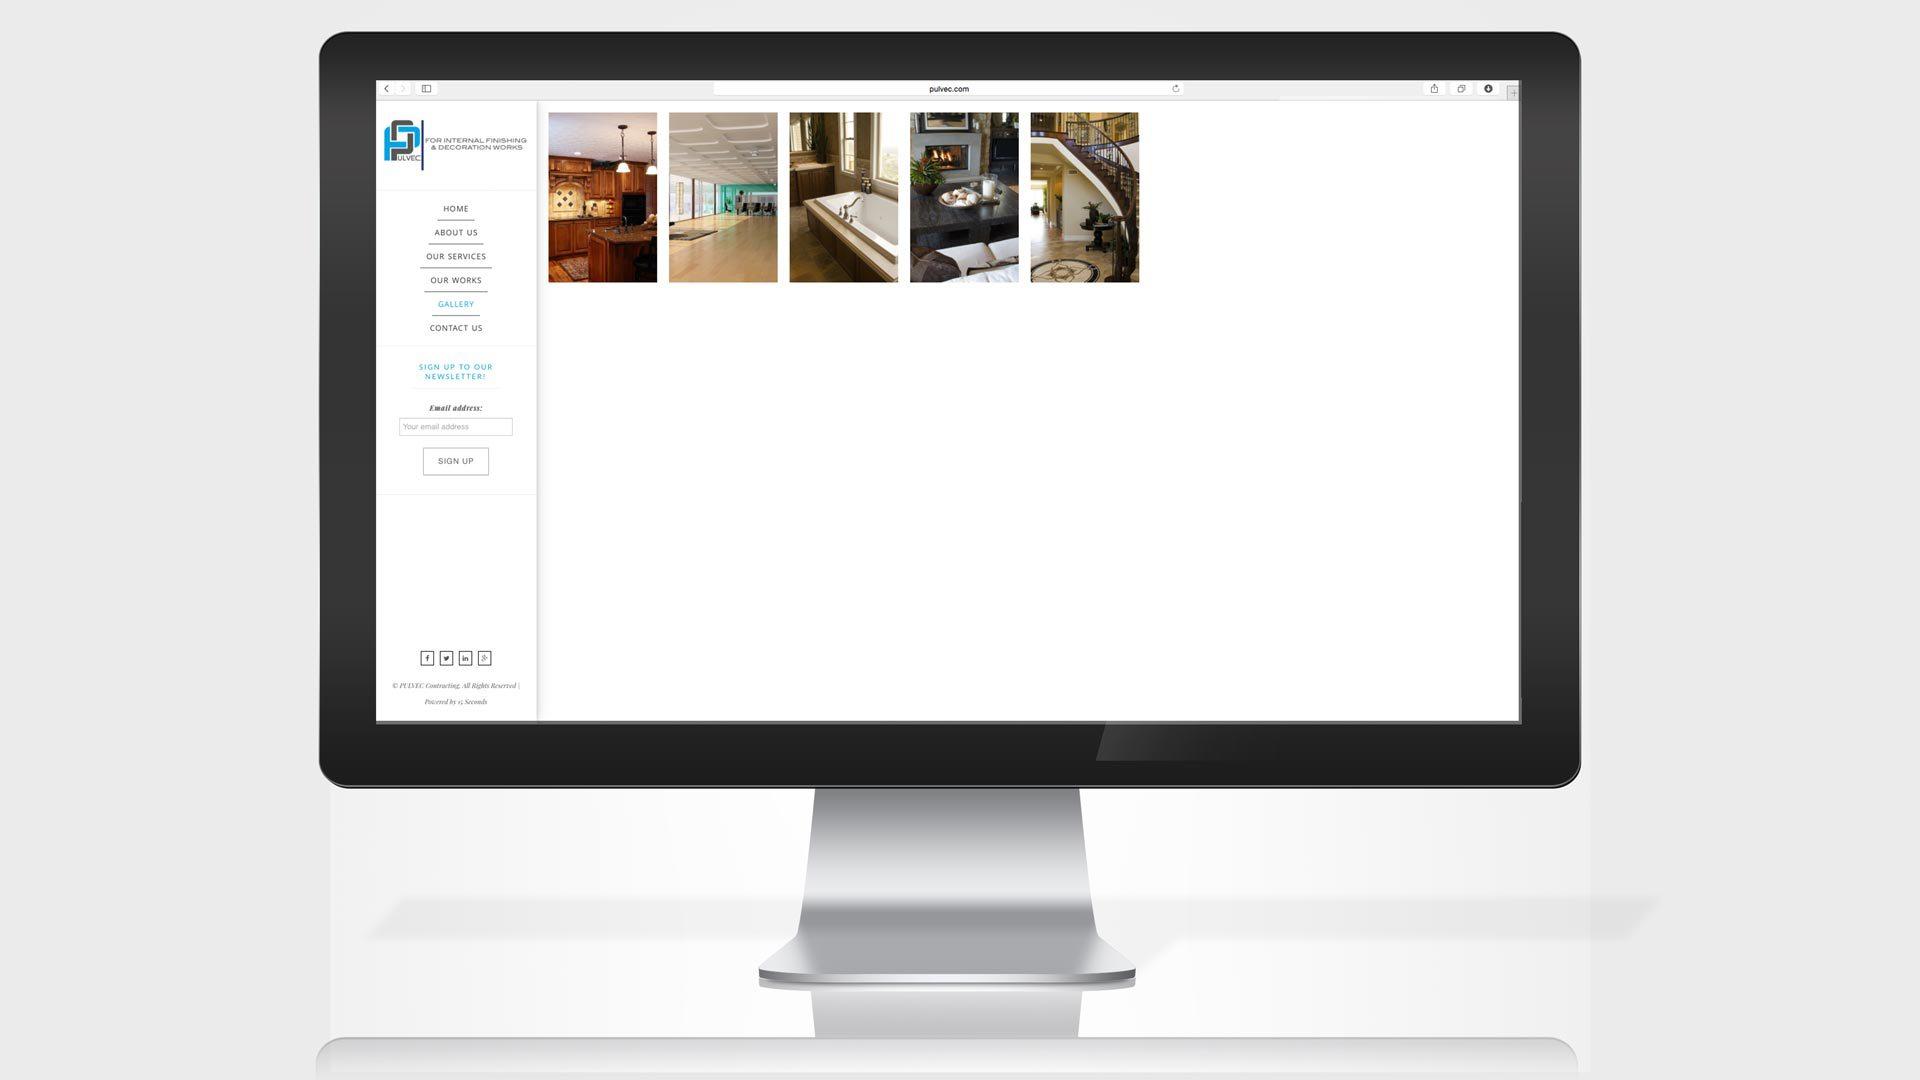 pulvec-website-gallery-page